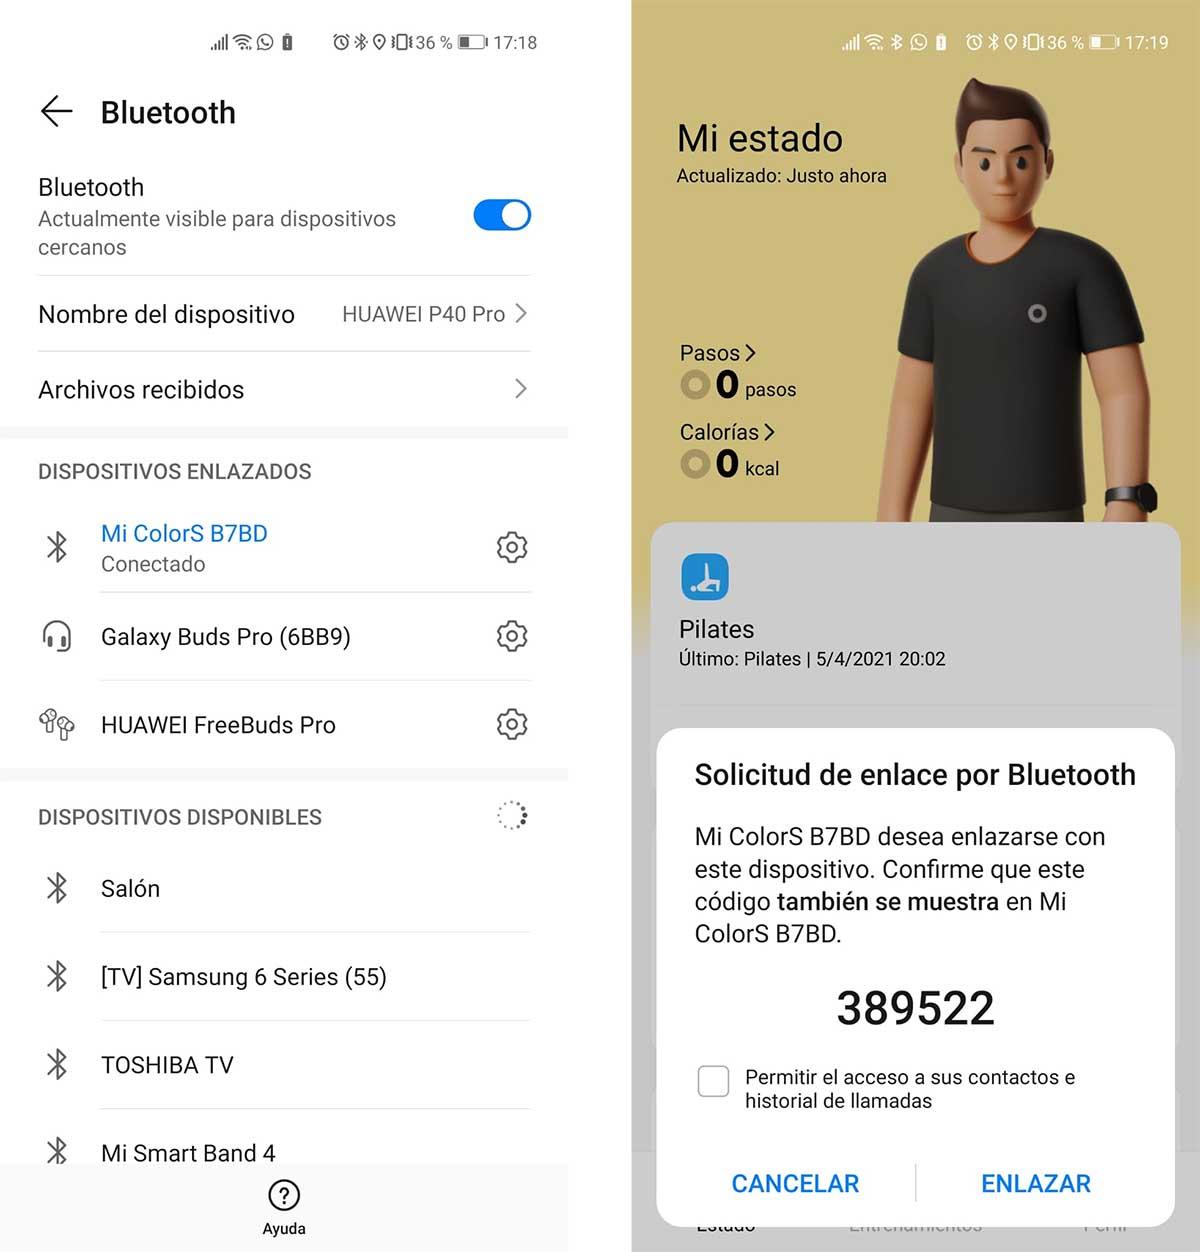 5 soluciones para los problemas con el smartwatch Xiaomi Mi Watch 1